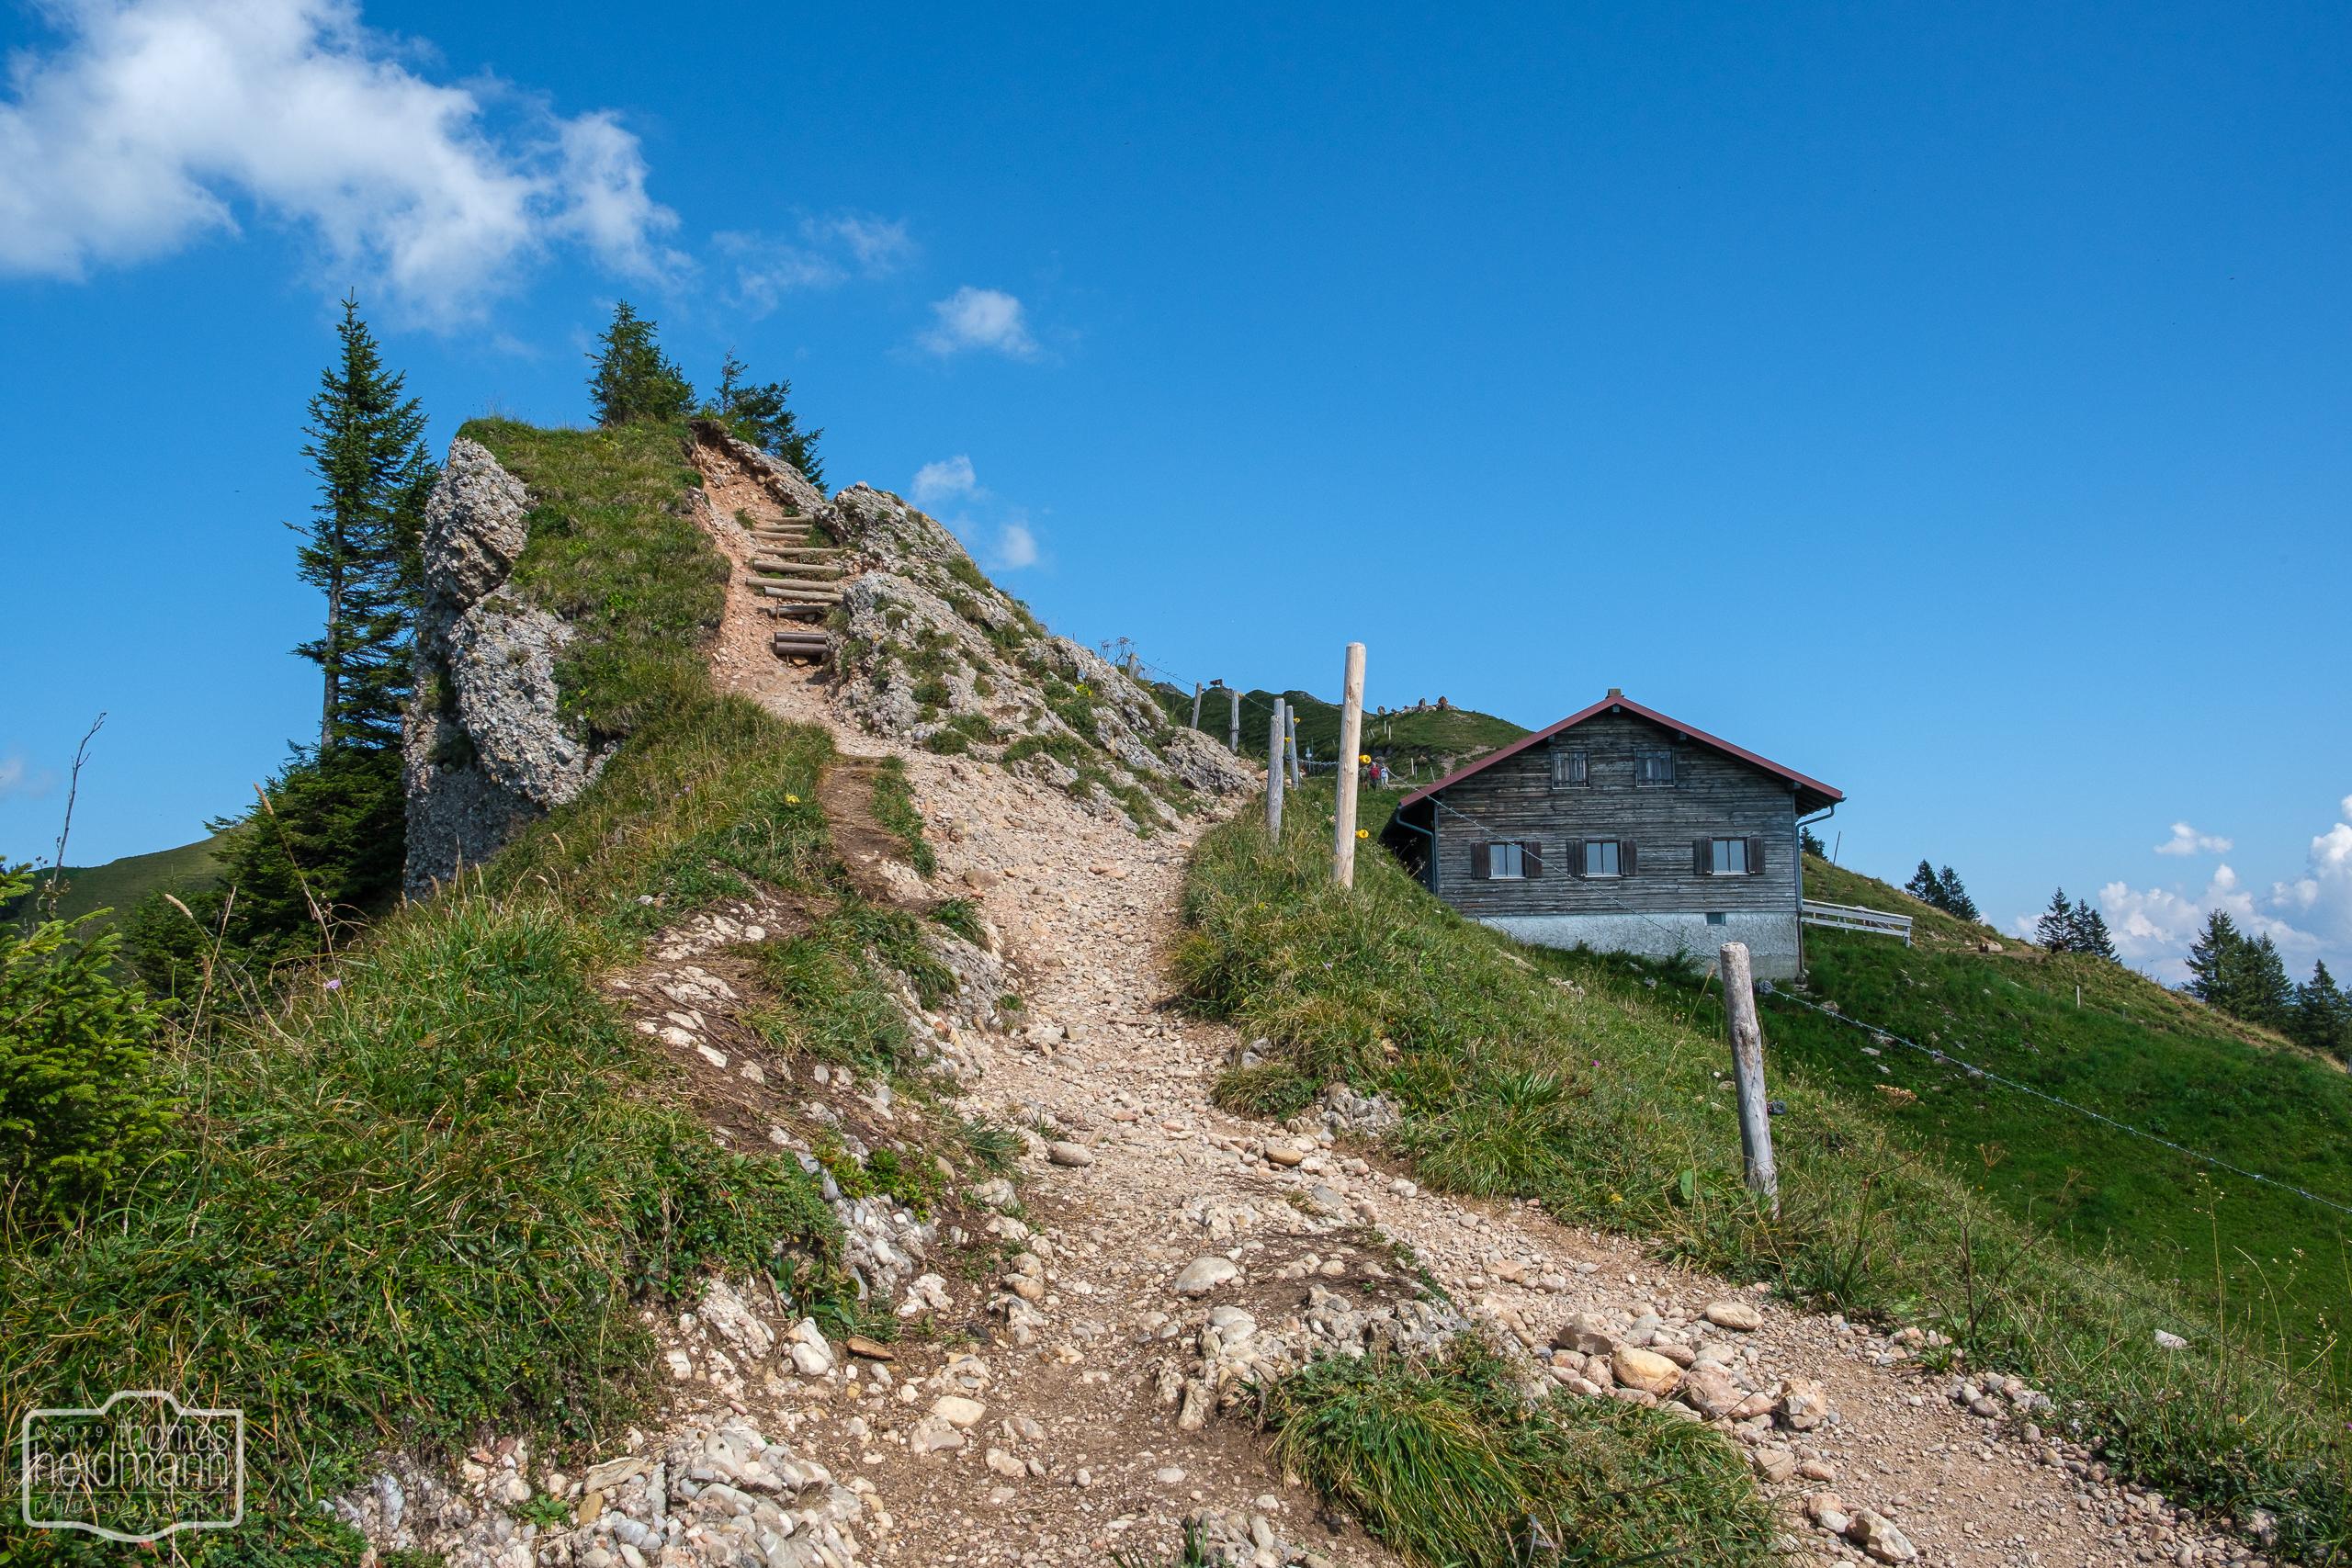 Wanderung auf dem Grat der Nagelfluhkette - Der Letzte Anstieg ist immer der schwerste